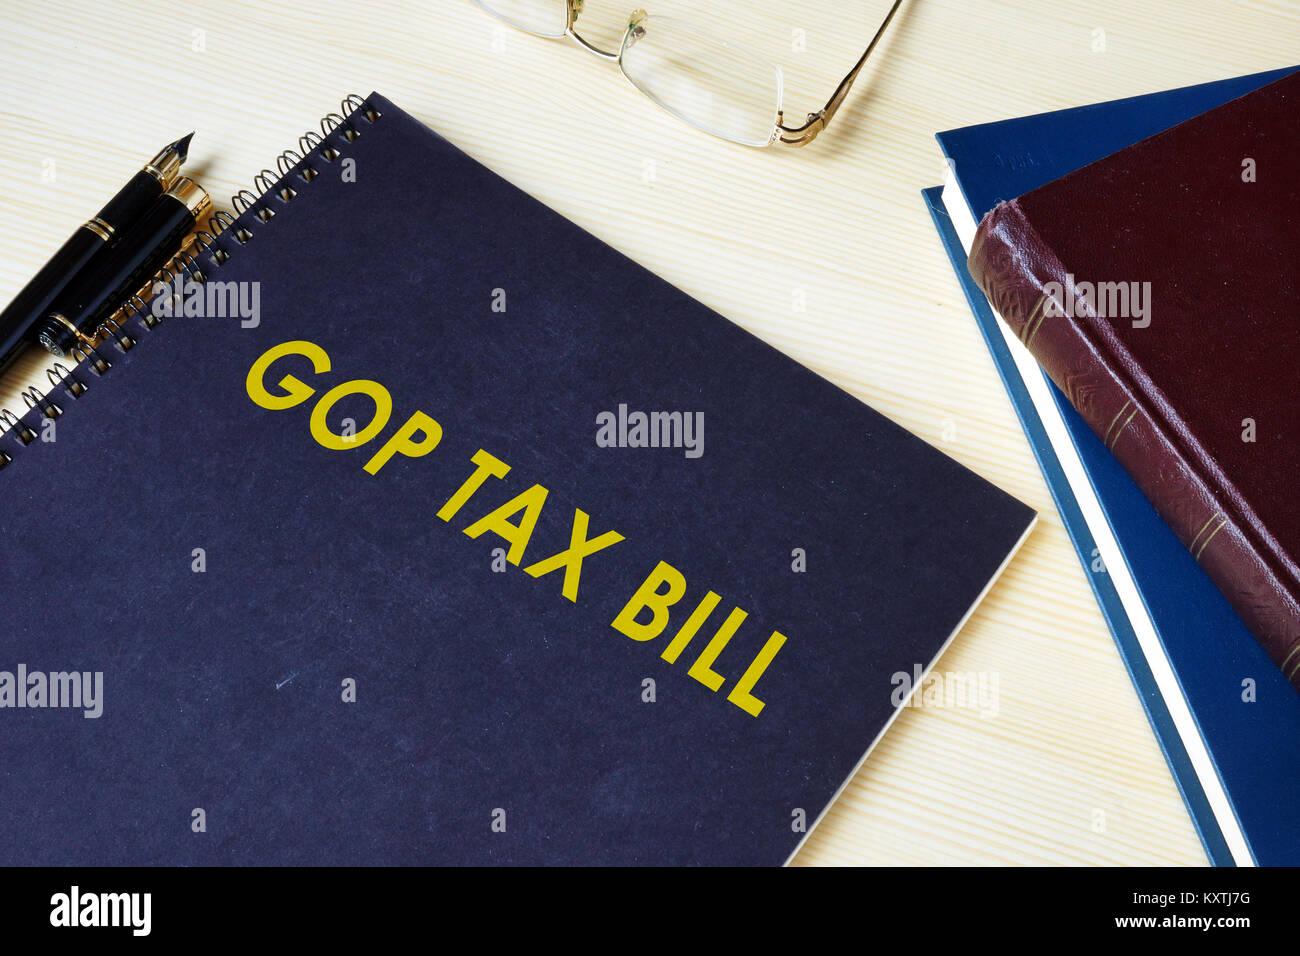 Le projet de loi fiscal GOP sur un bureau et lunettes. Banque D'Images